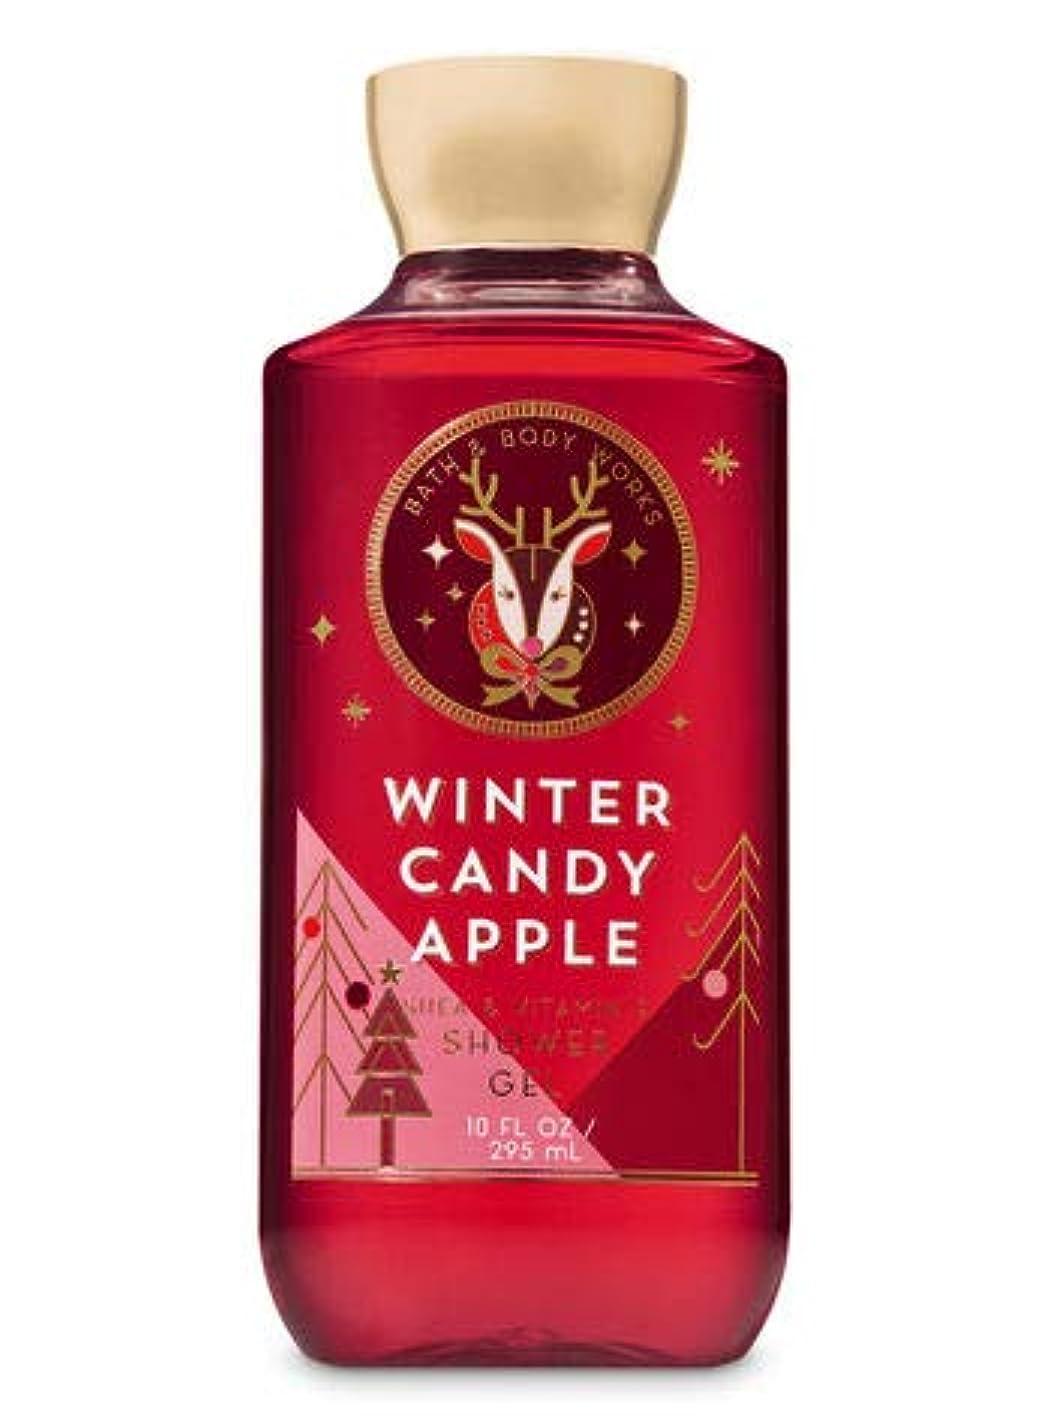 オフ先住民ブランチ【Bath&Body Works/バス&ボディワークス】 シャワージェル ウィンターキャンディアップル Shower Gel Winter Candy Apple 10 fl oz / 295 mL [並行輸入品]